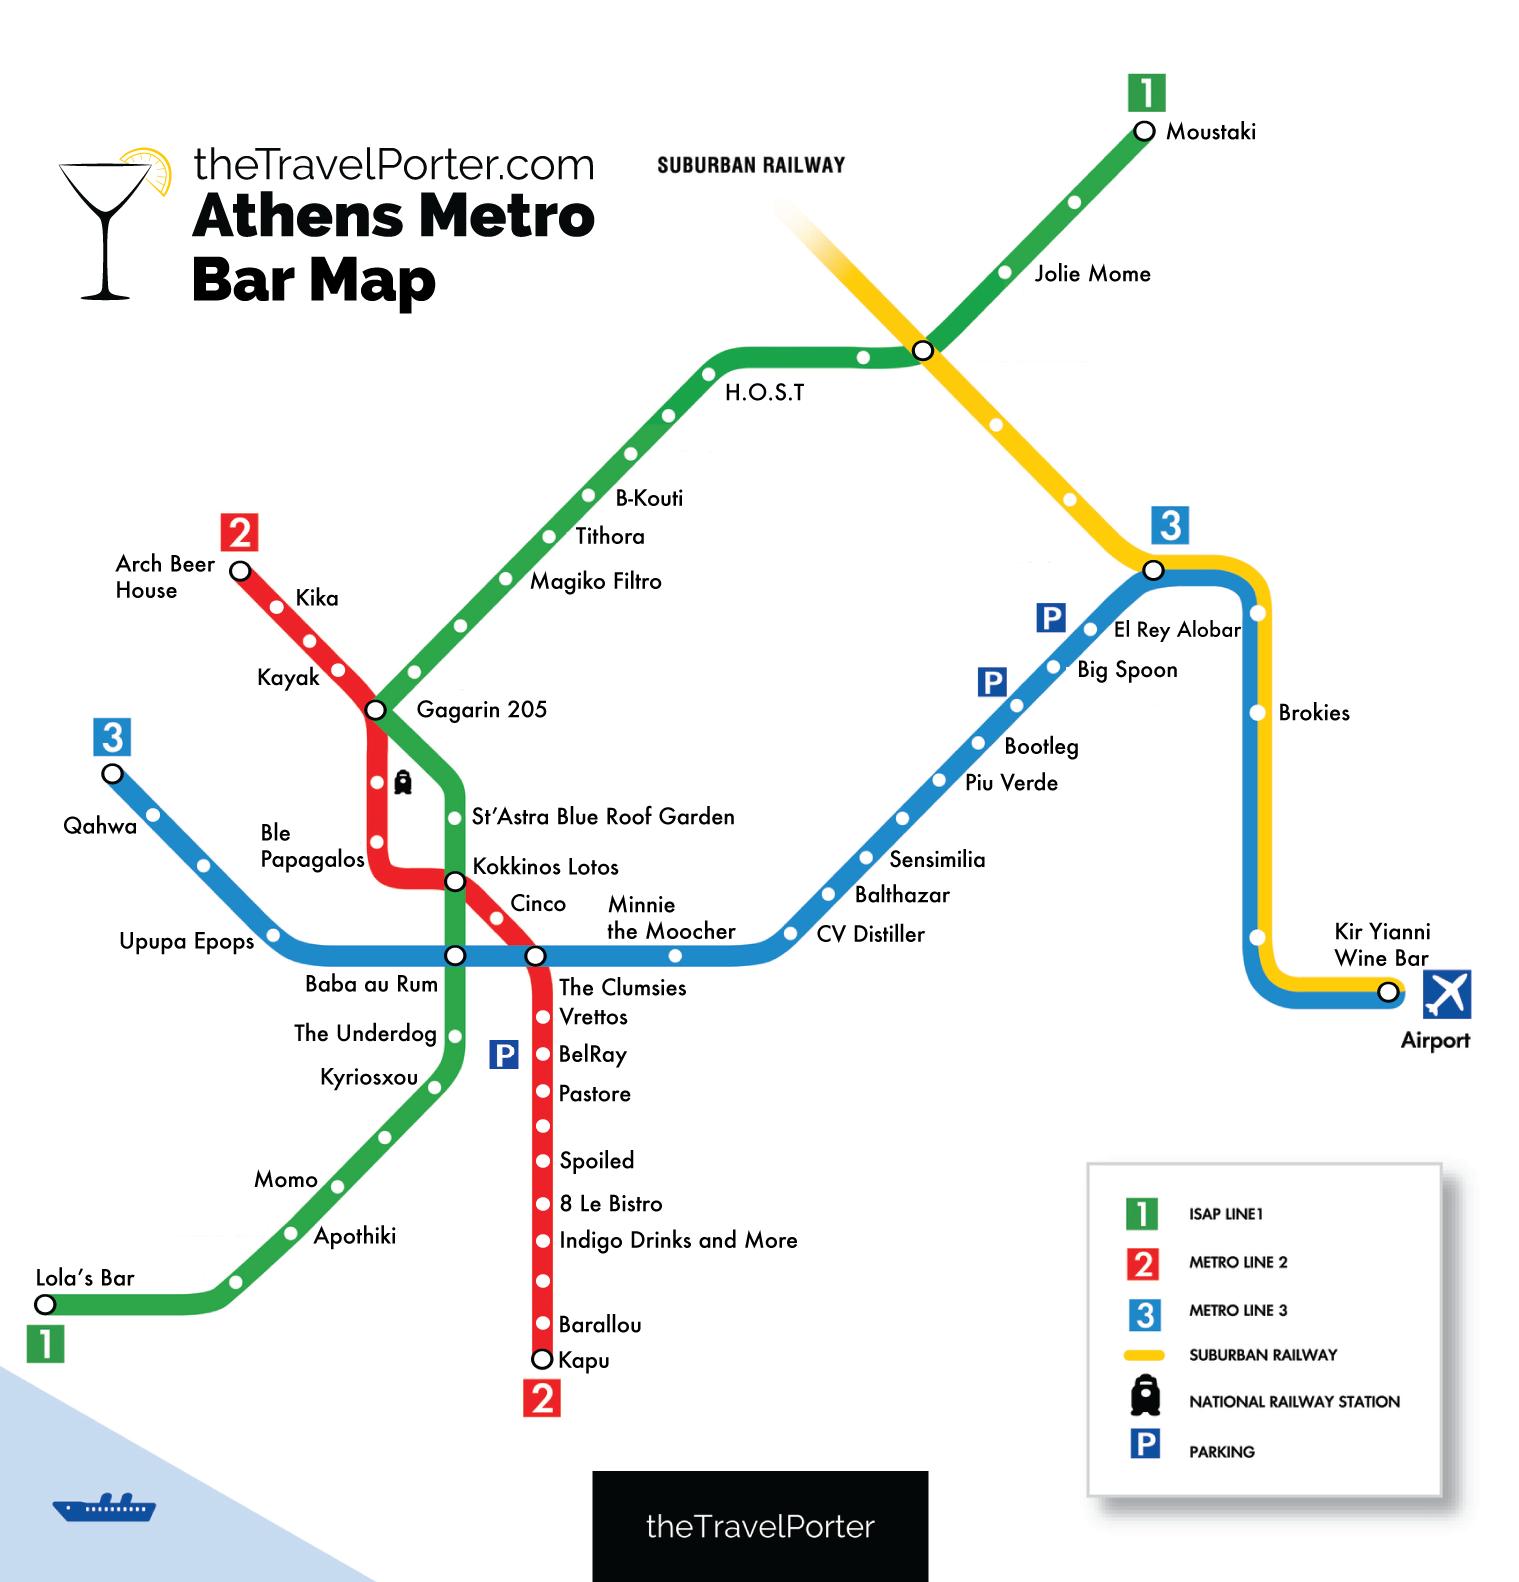 athens metro bar map